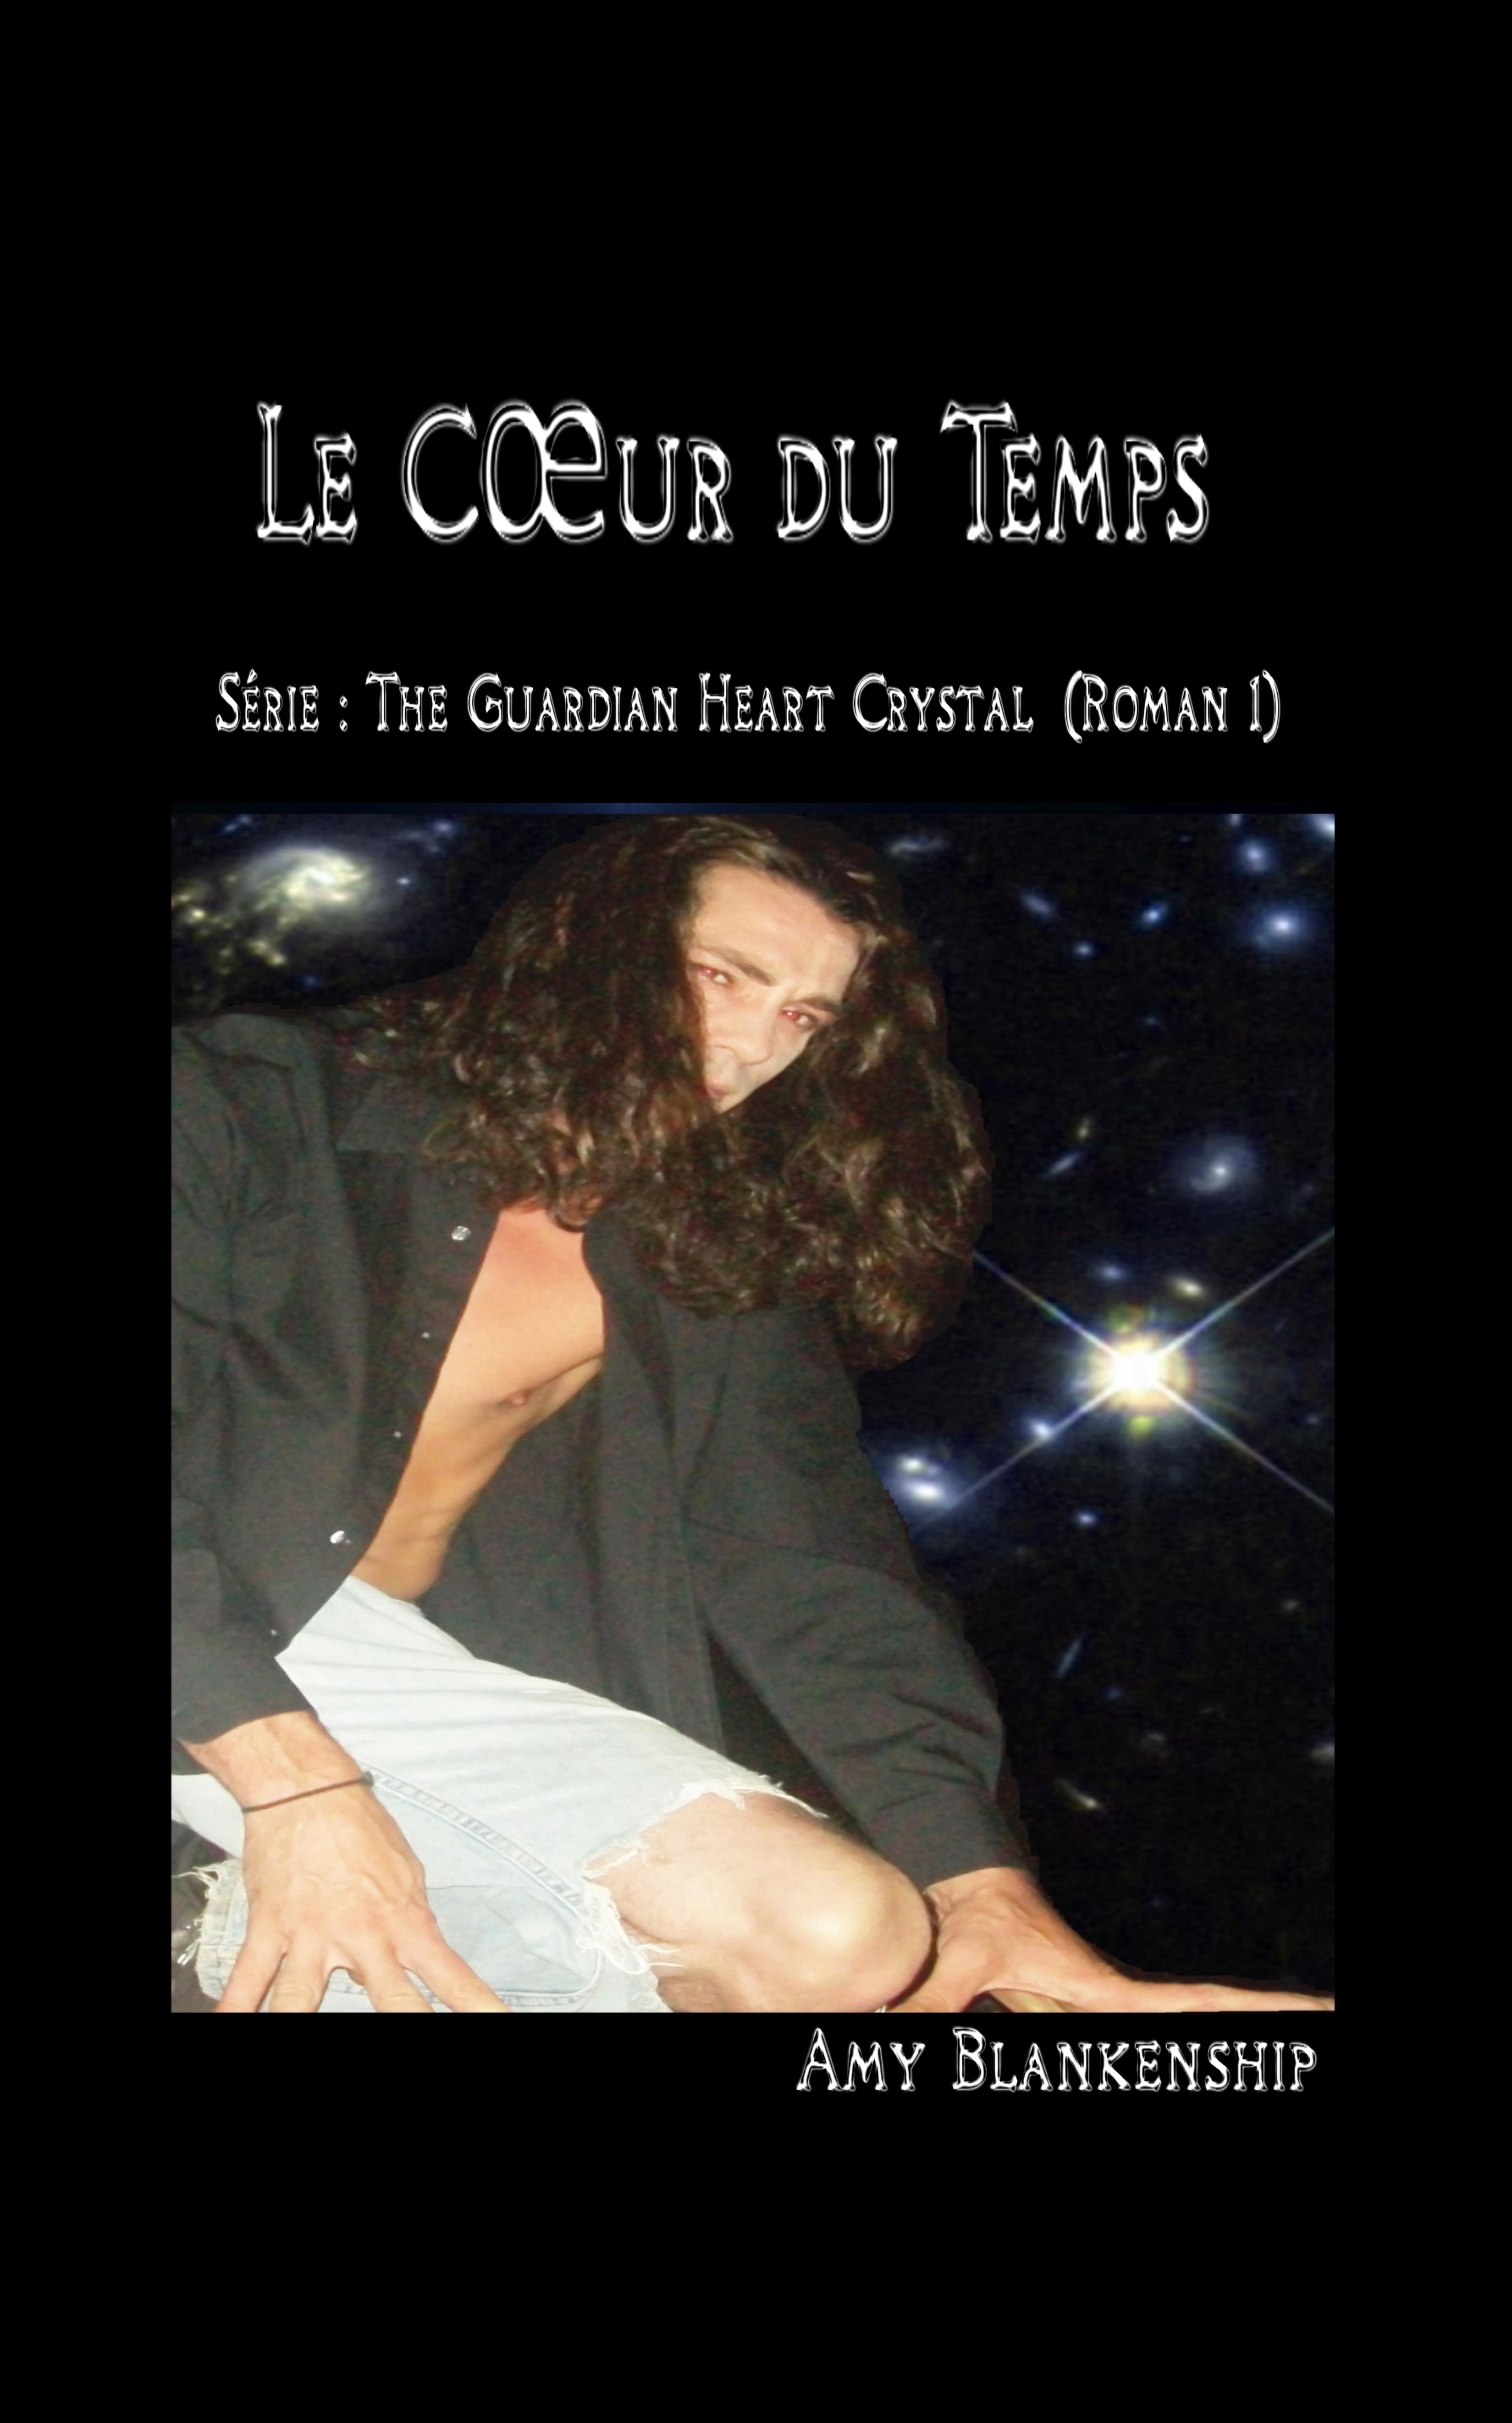 цена Amy Blankenship Au Cœur Du Temps в интернет-магазинах